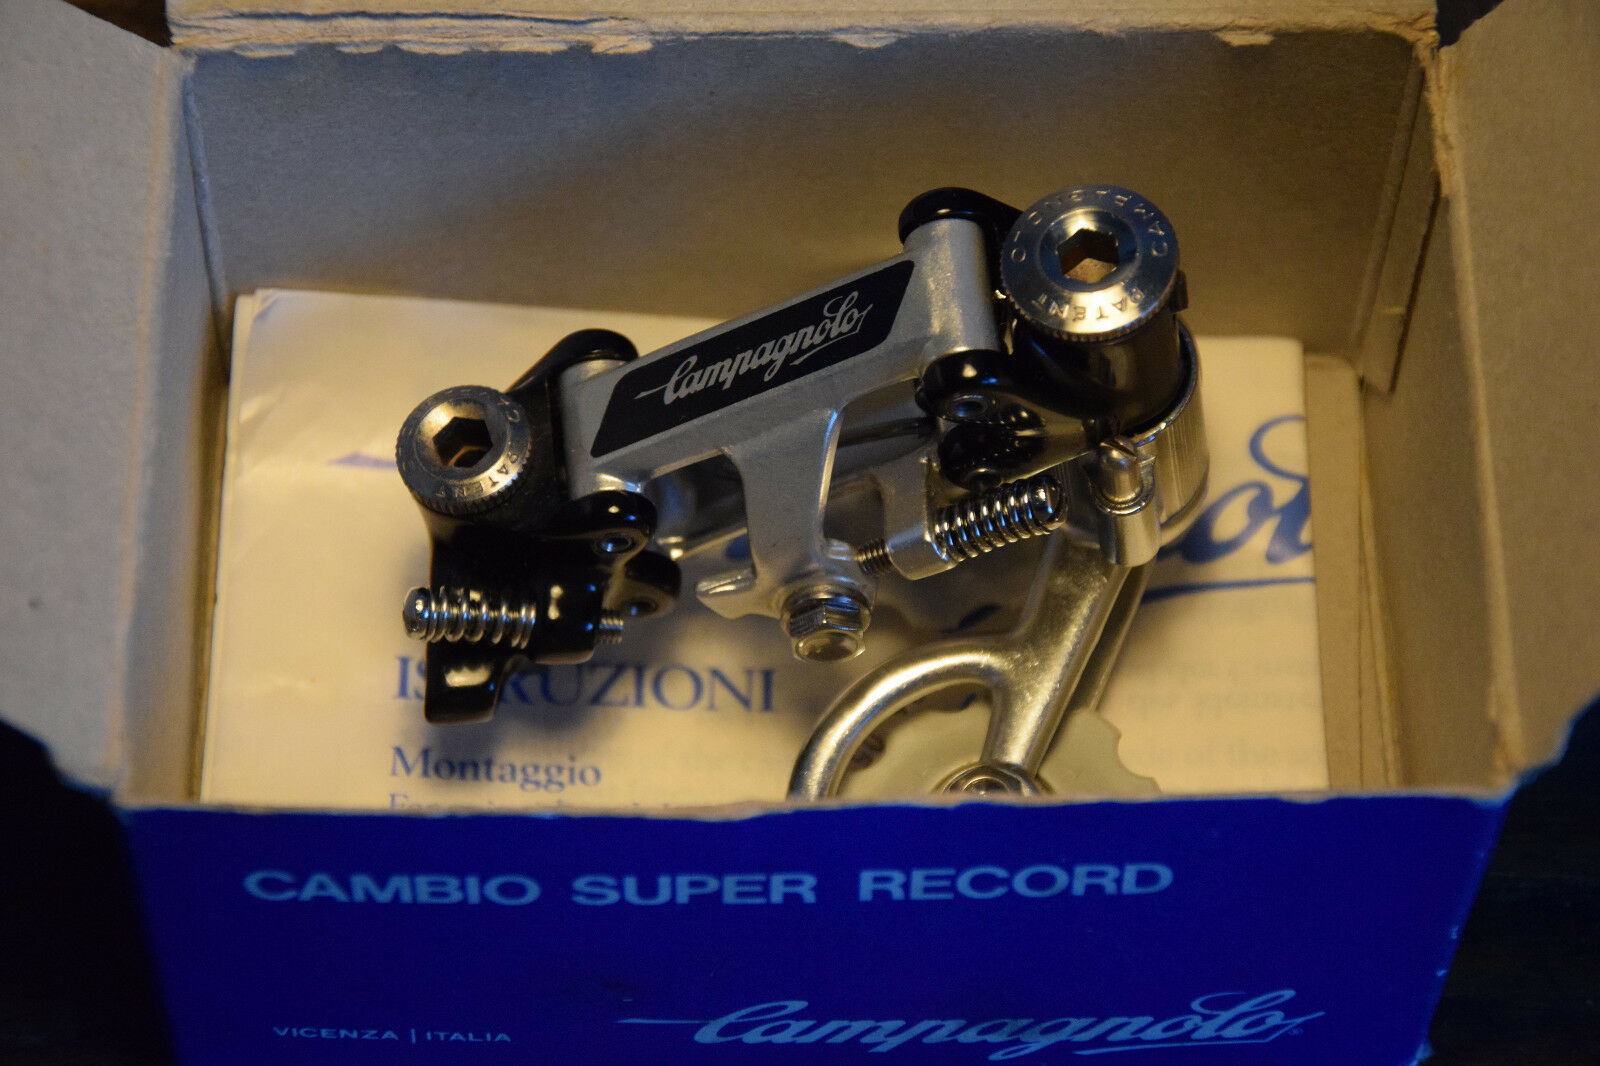 CAMPAGNOLO Deragliatore Super Record NOS NIB no Pat. from 1987 REAR DERAILLEUR